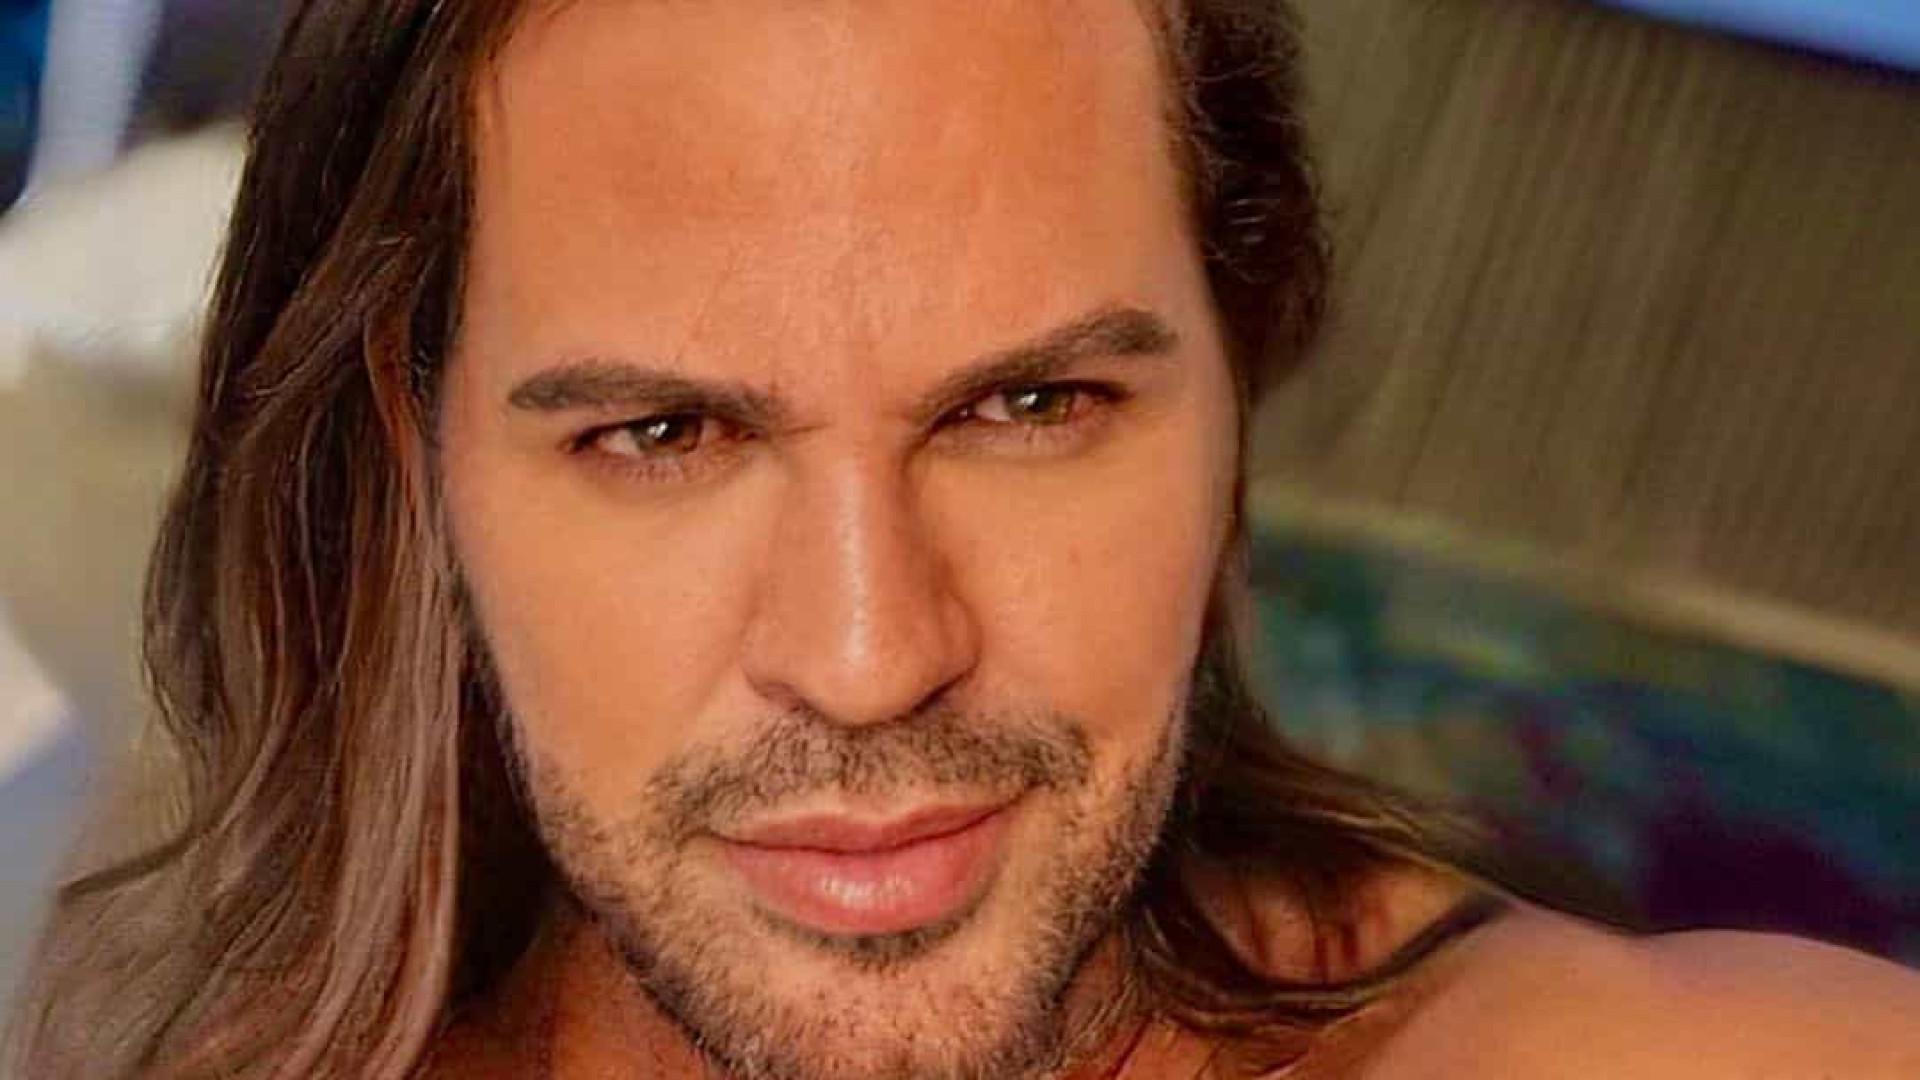 Eduardo Costa causa polêmica ao dizer que se considera 'semi-gay'